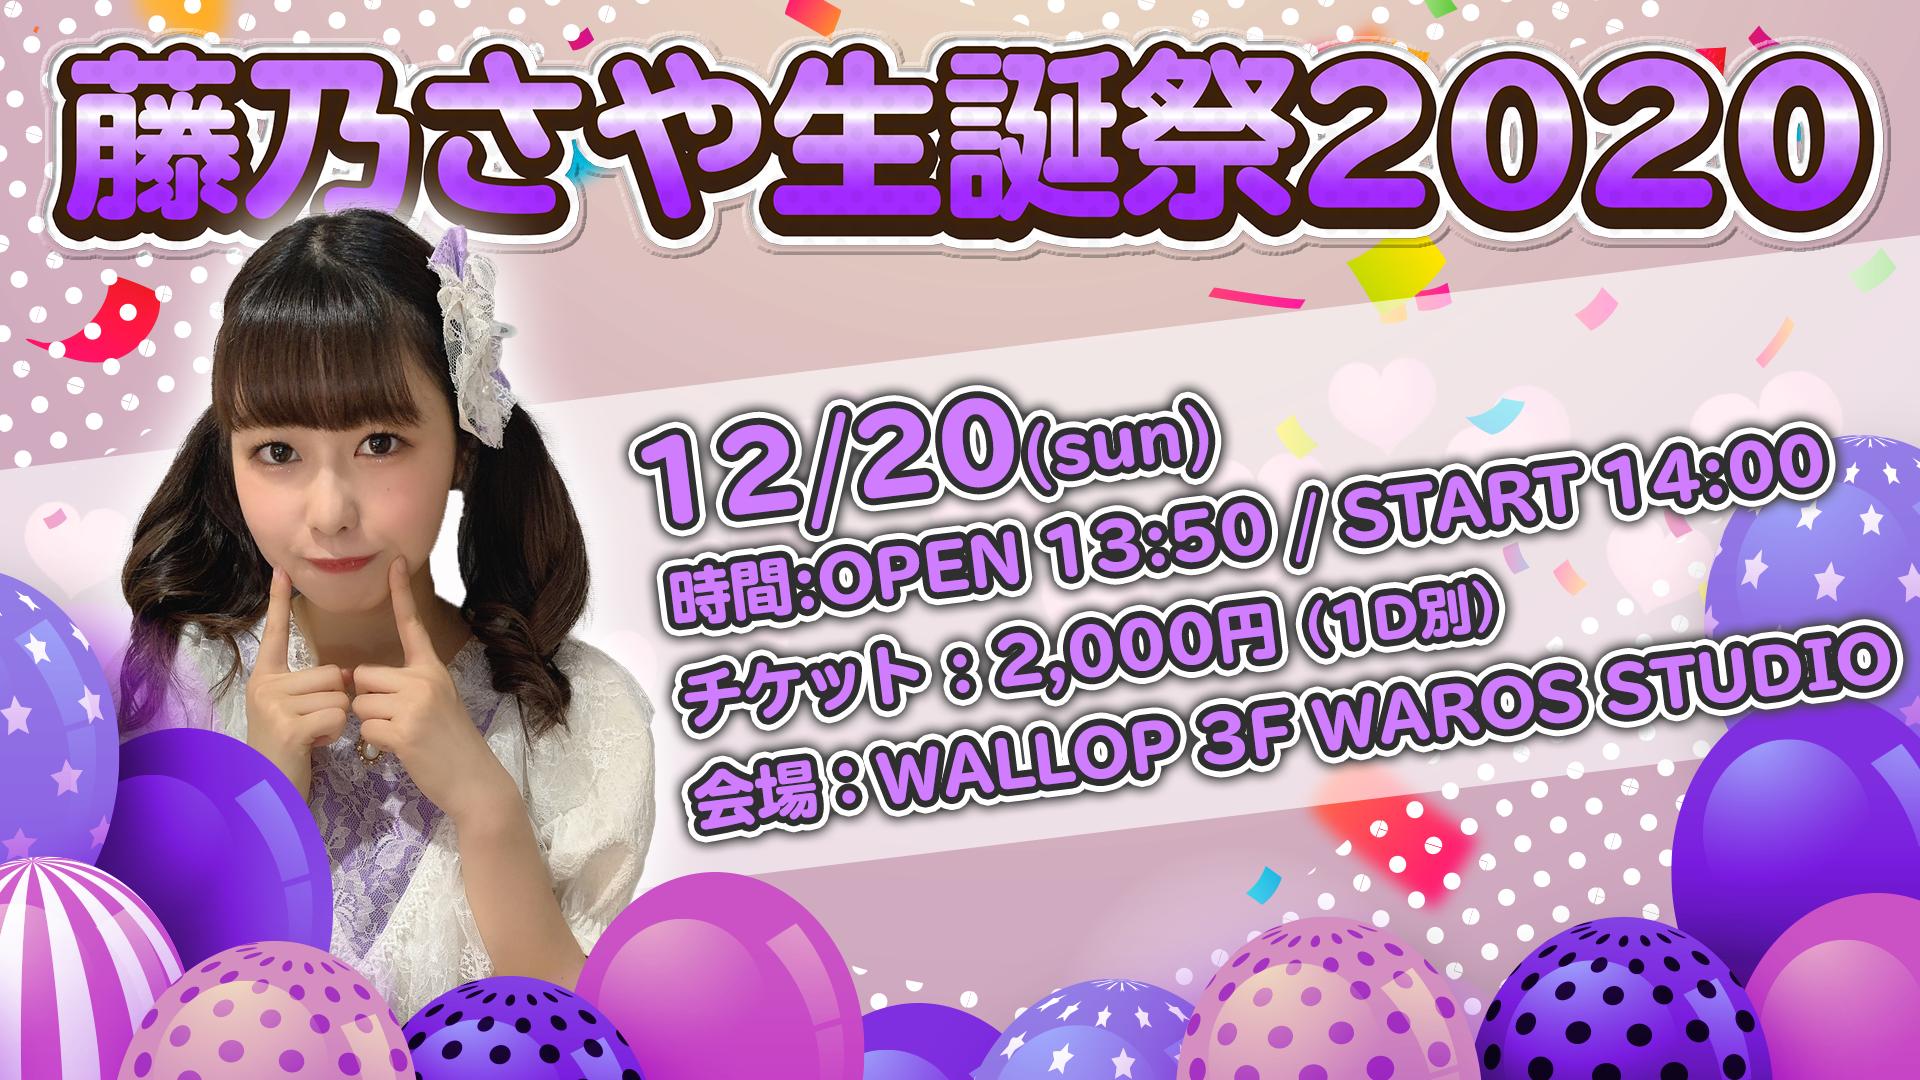 【2020/12/20】藤乃さや生誕祭2020